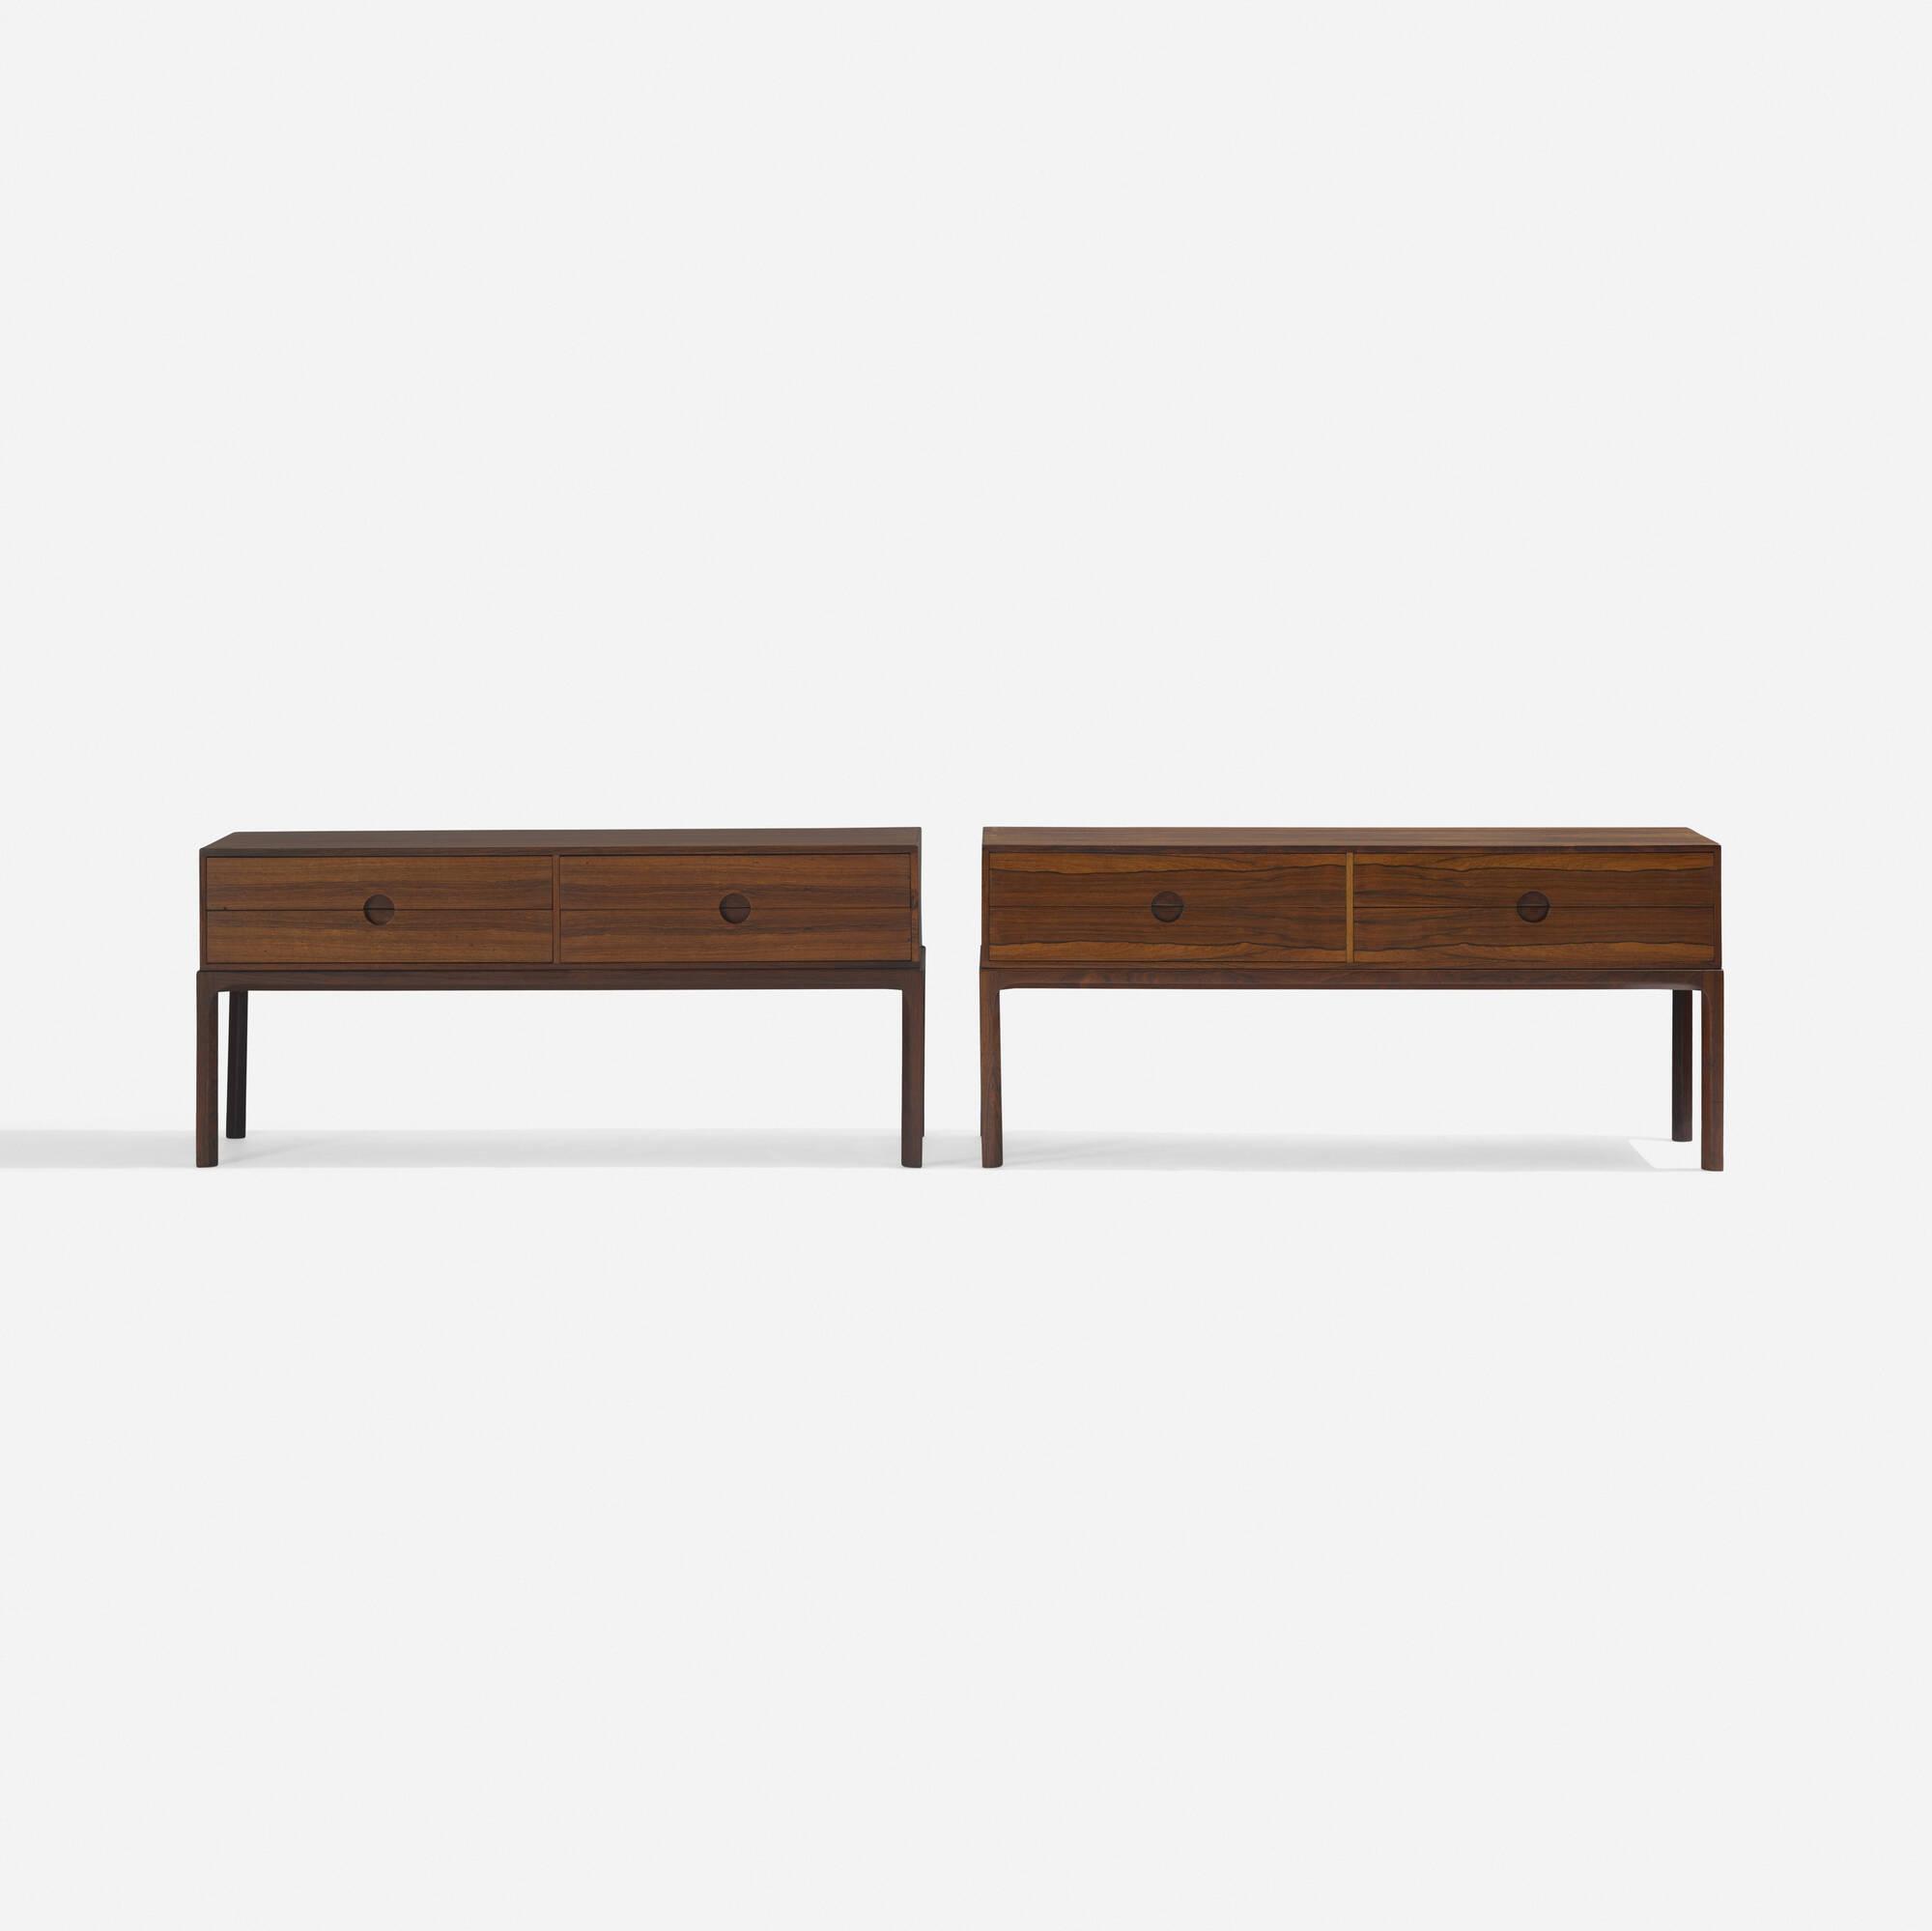 285: Aksel Kjersgaard / cabinets, pair (2 of 4)